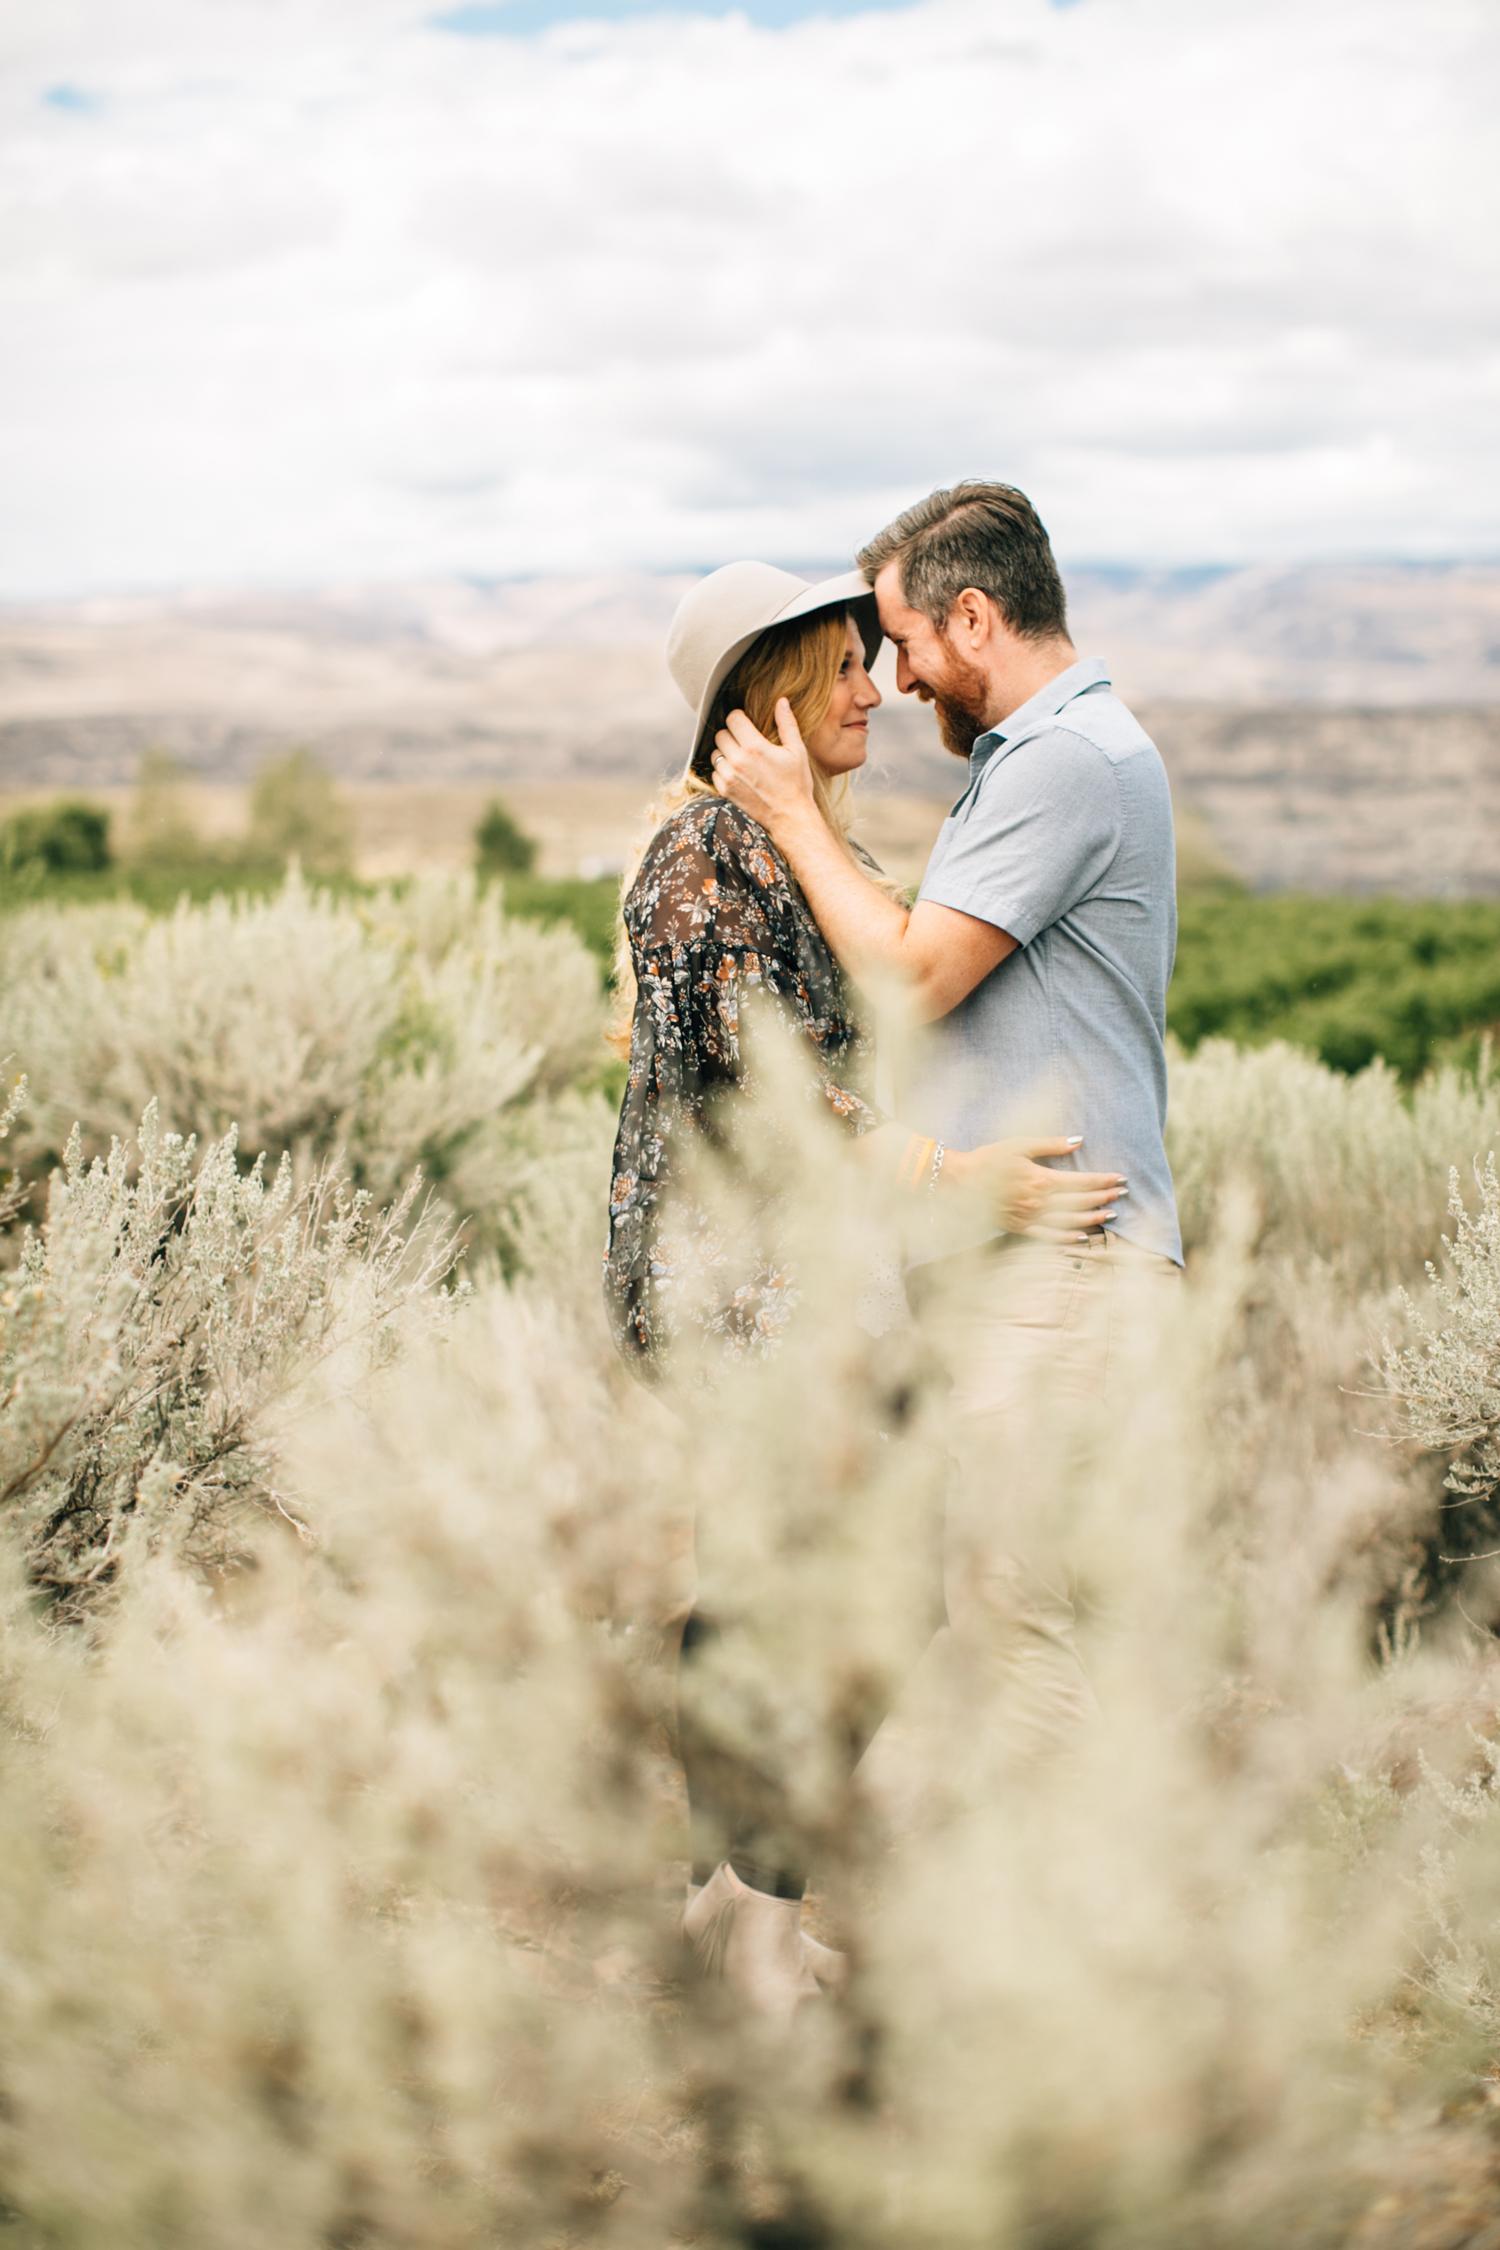 finding love in seattle